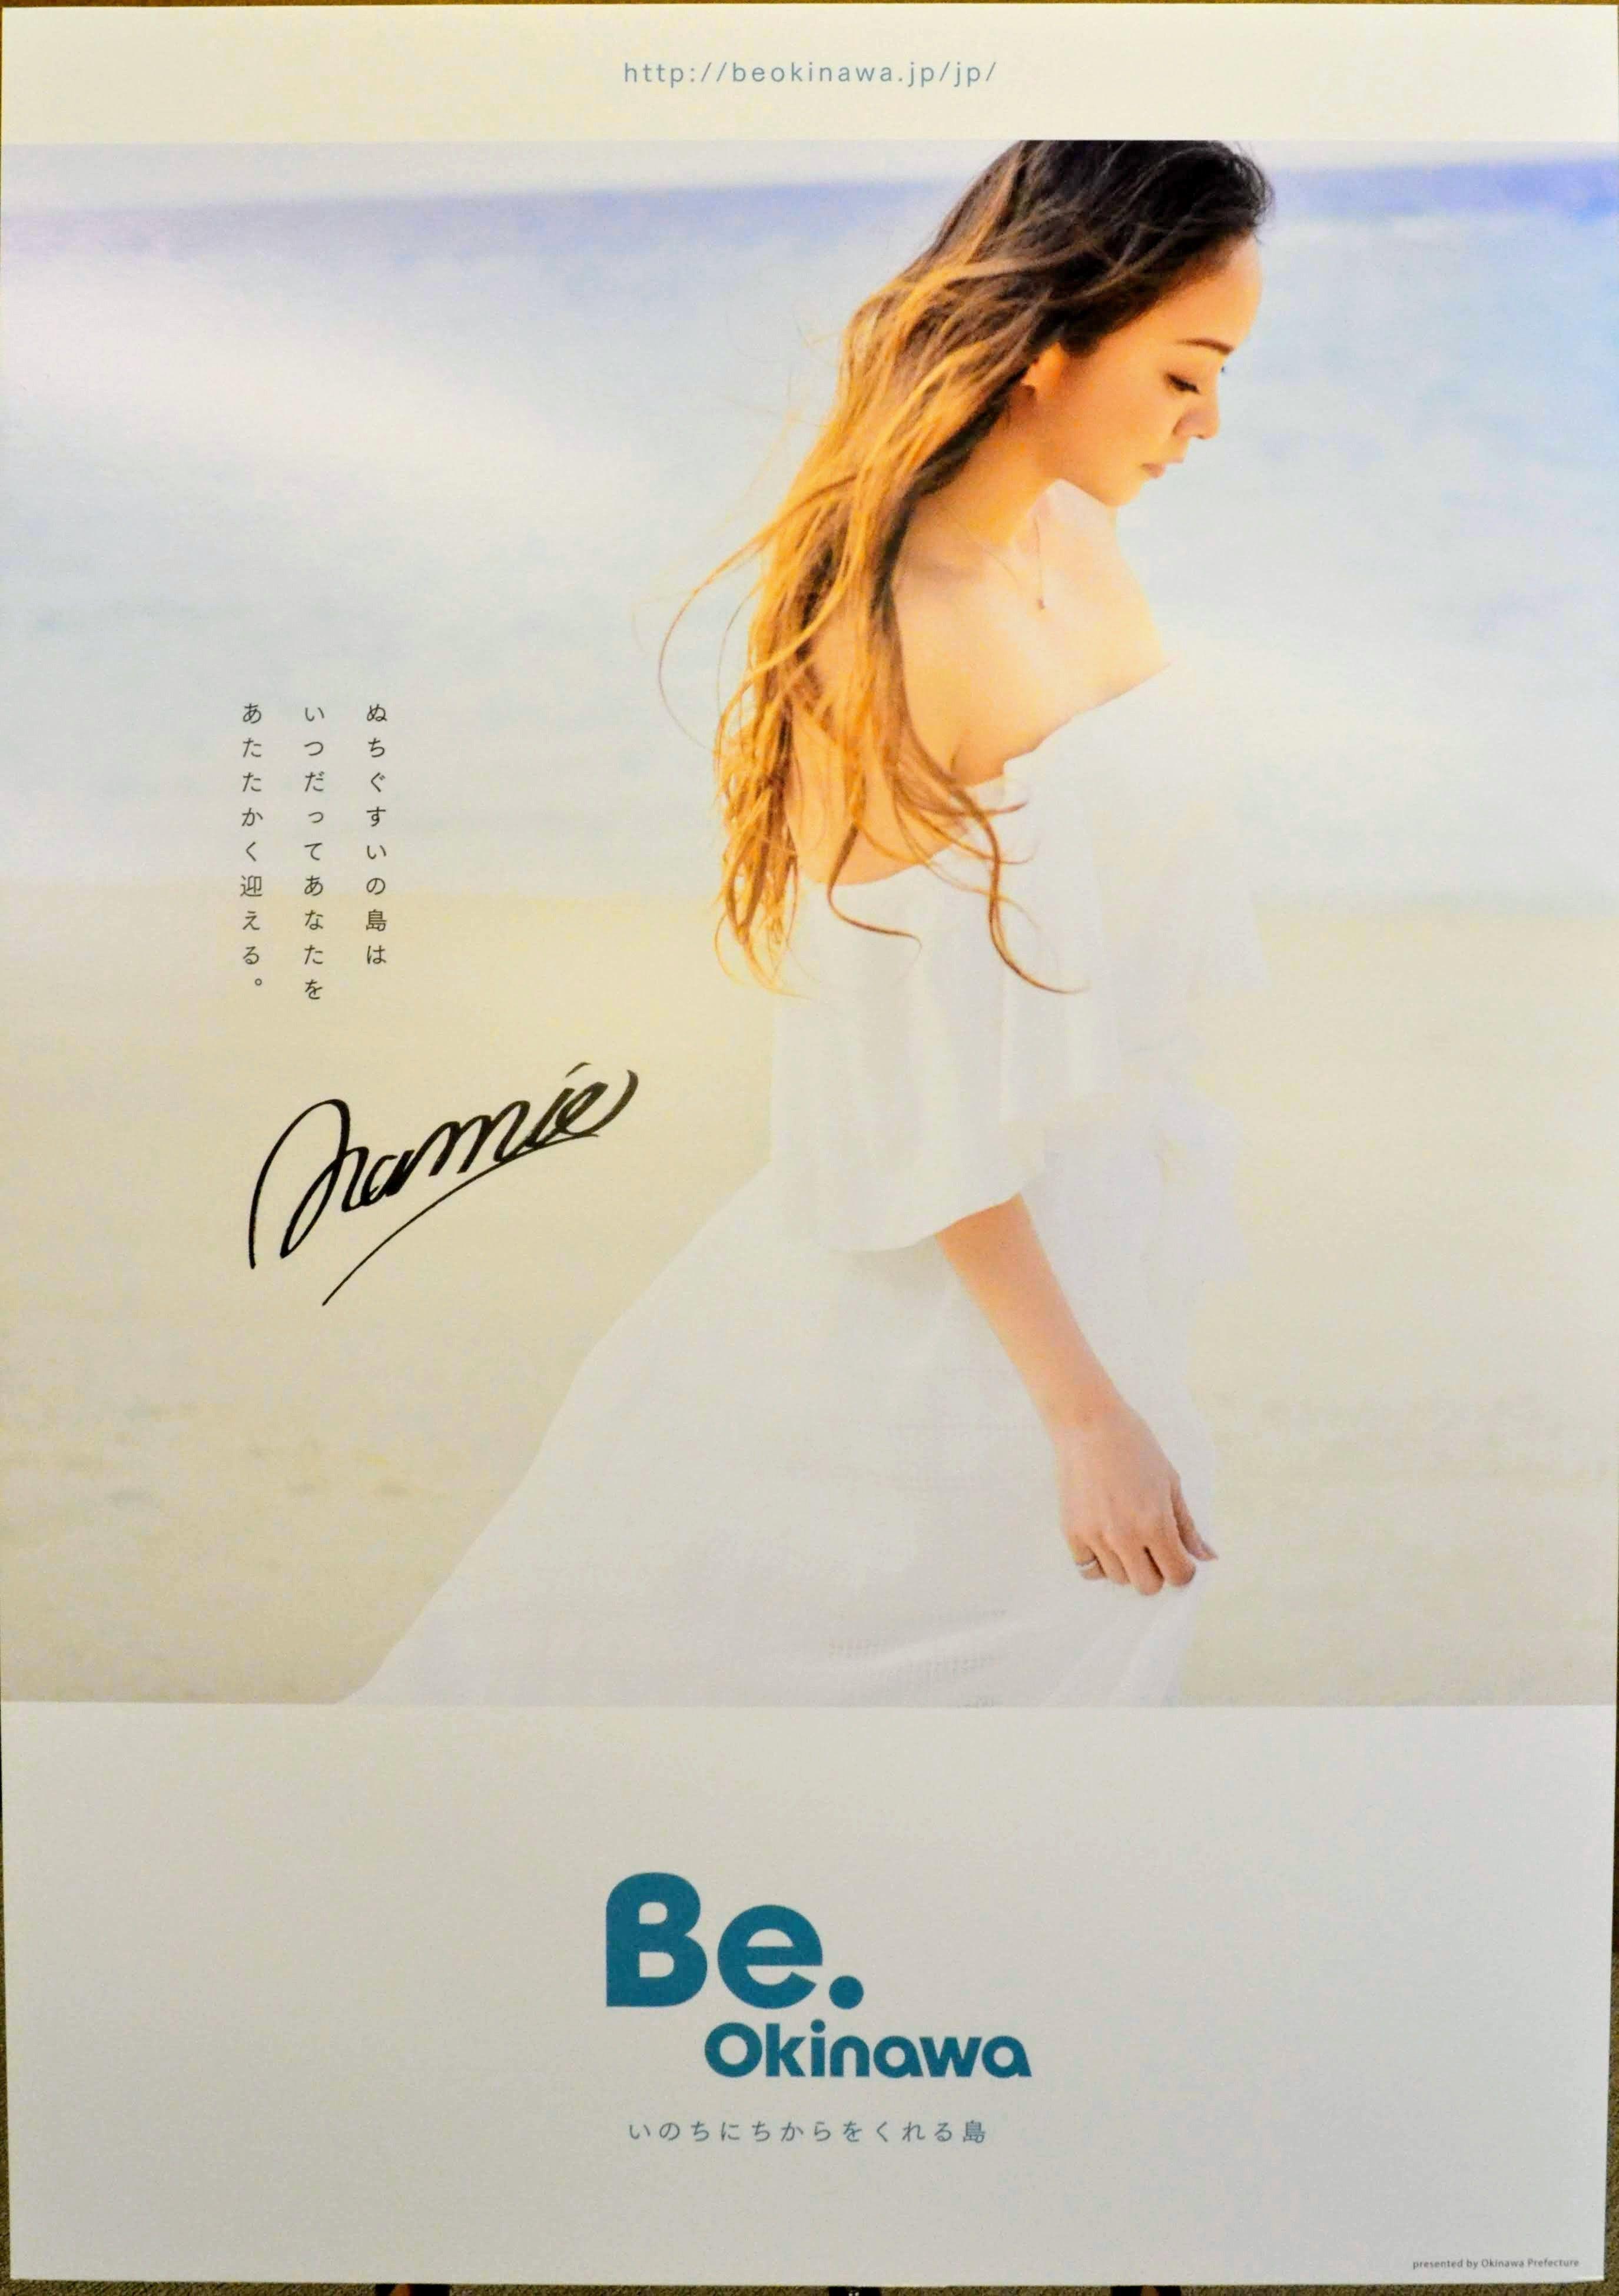 安室奈美恵さん、無償で沖縄をPR アラハビーチで撮影のポスターは池袋で展示へ